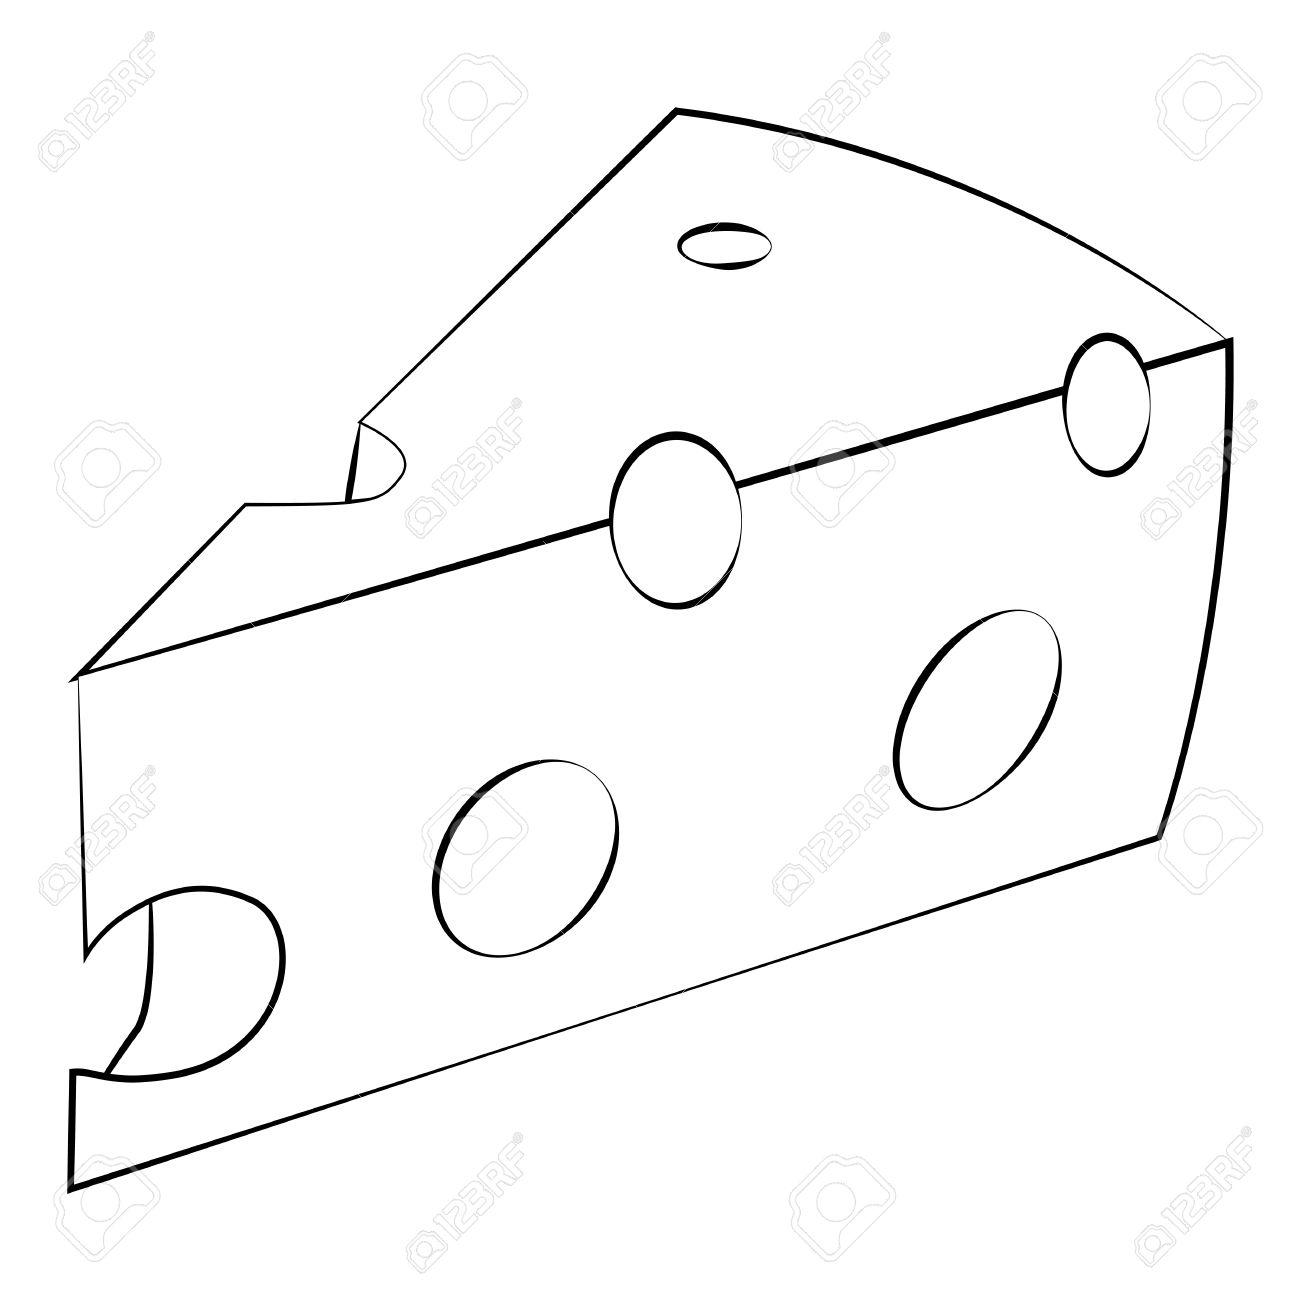 Cheese Drawing At Getdrawings